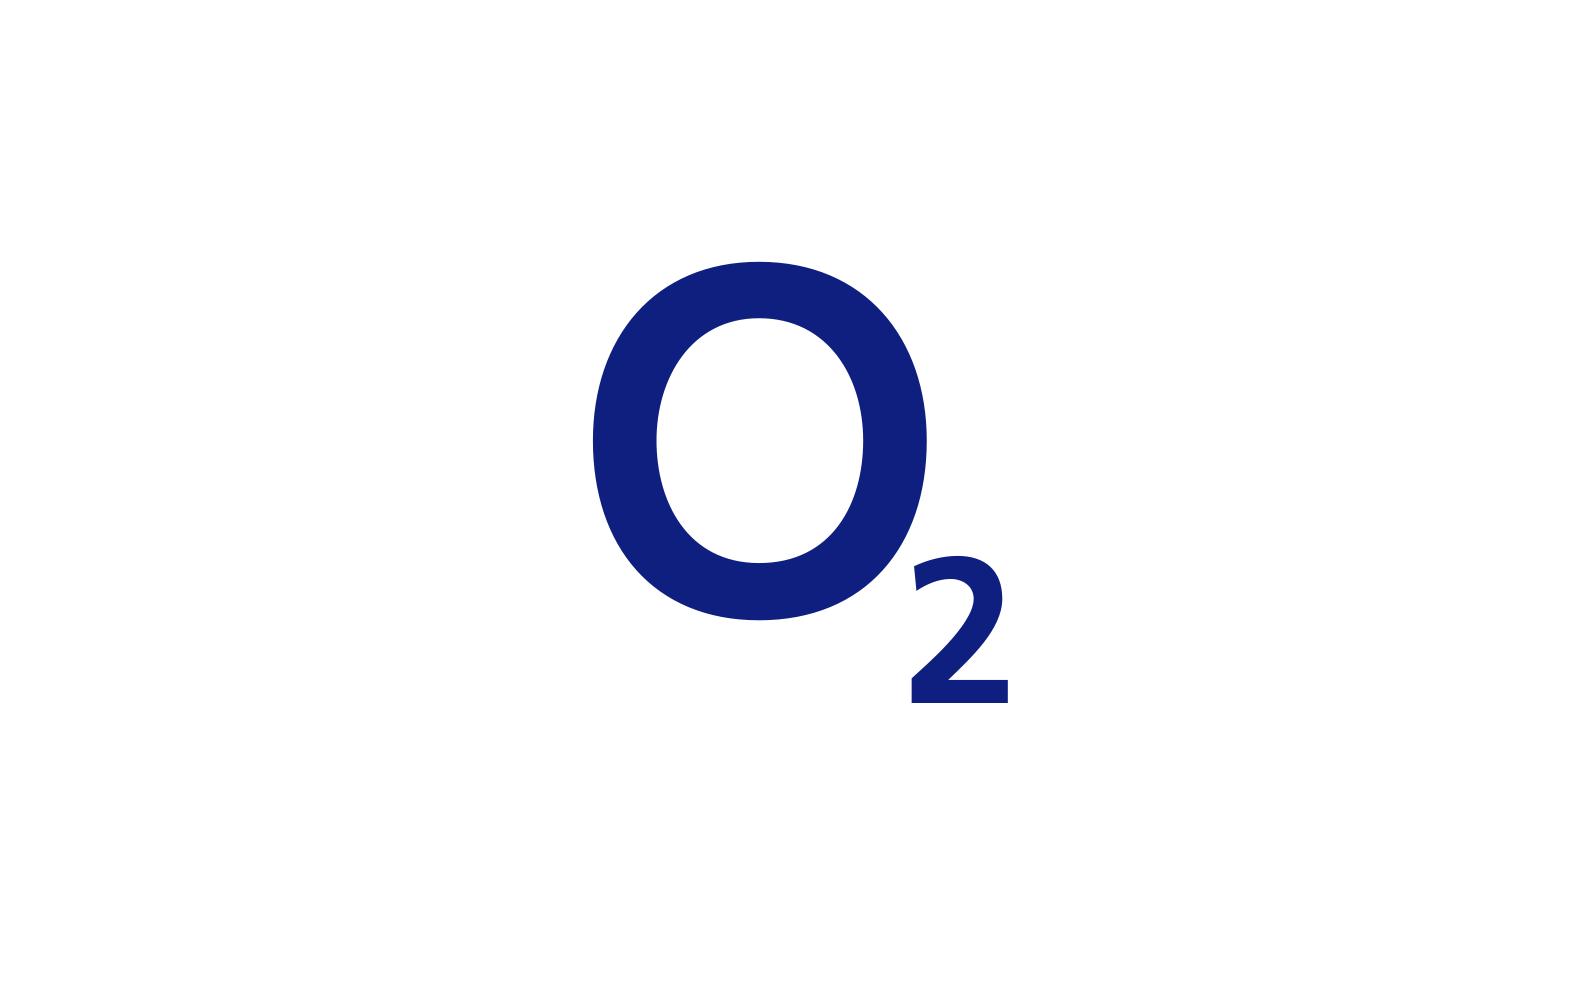 O2 per Telefon kontaktieren